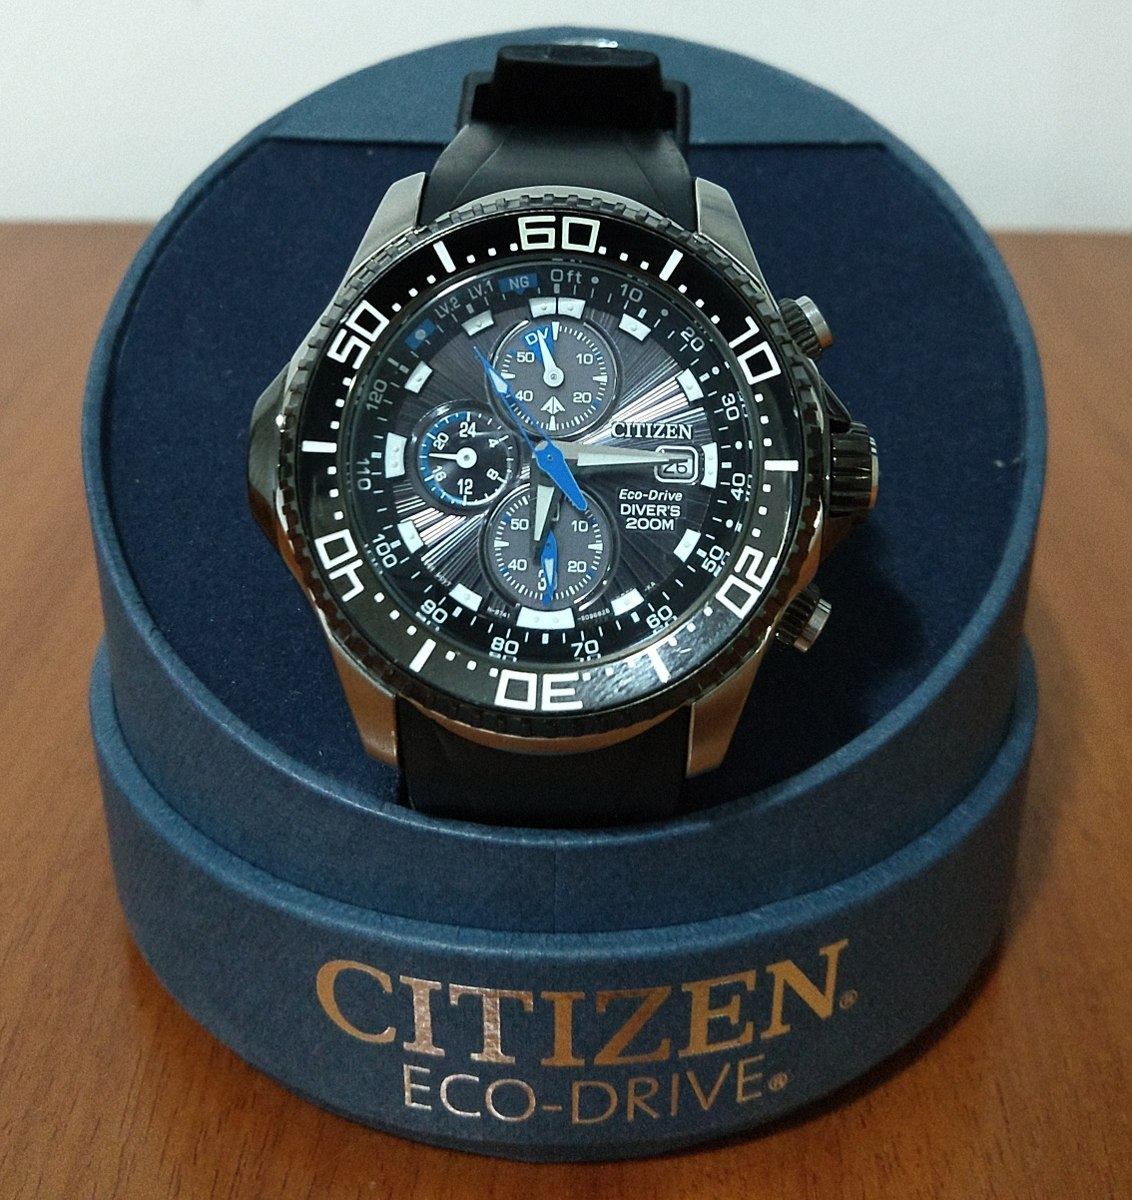 3ada0851765 relógio citizen aqualand eco drive bj2110-01e. Carregando zoom.